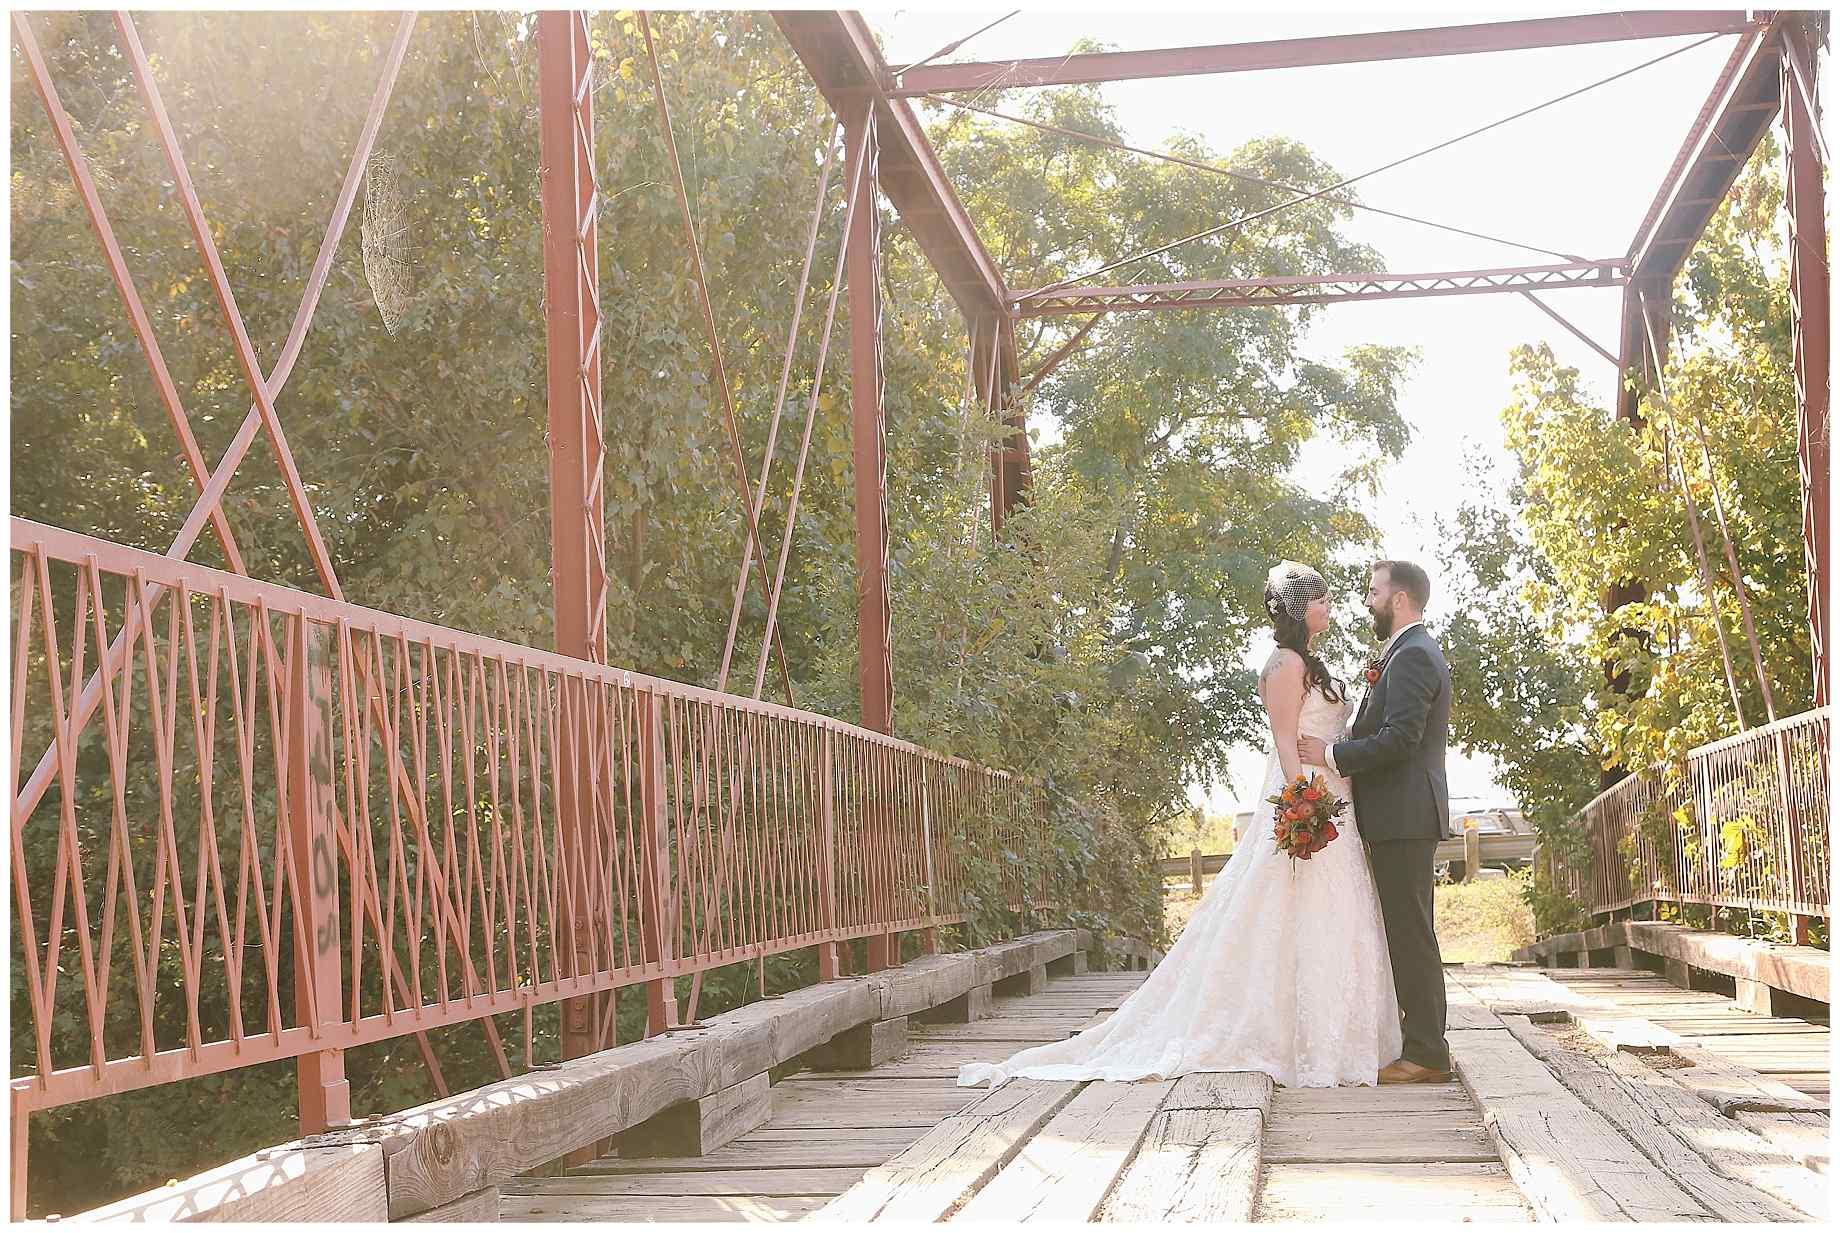 Le-Beaux-Chateau-wedding-photos-013